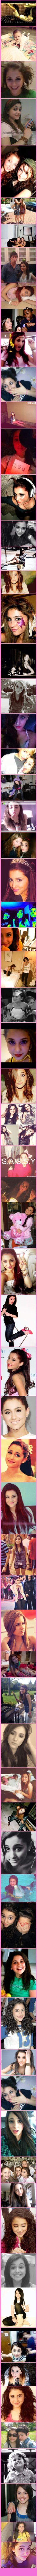 #Ariana